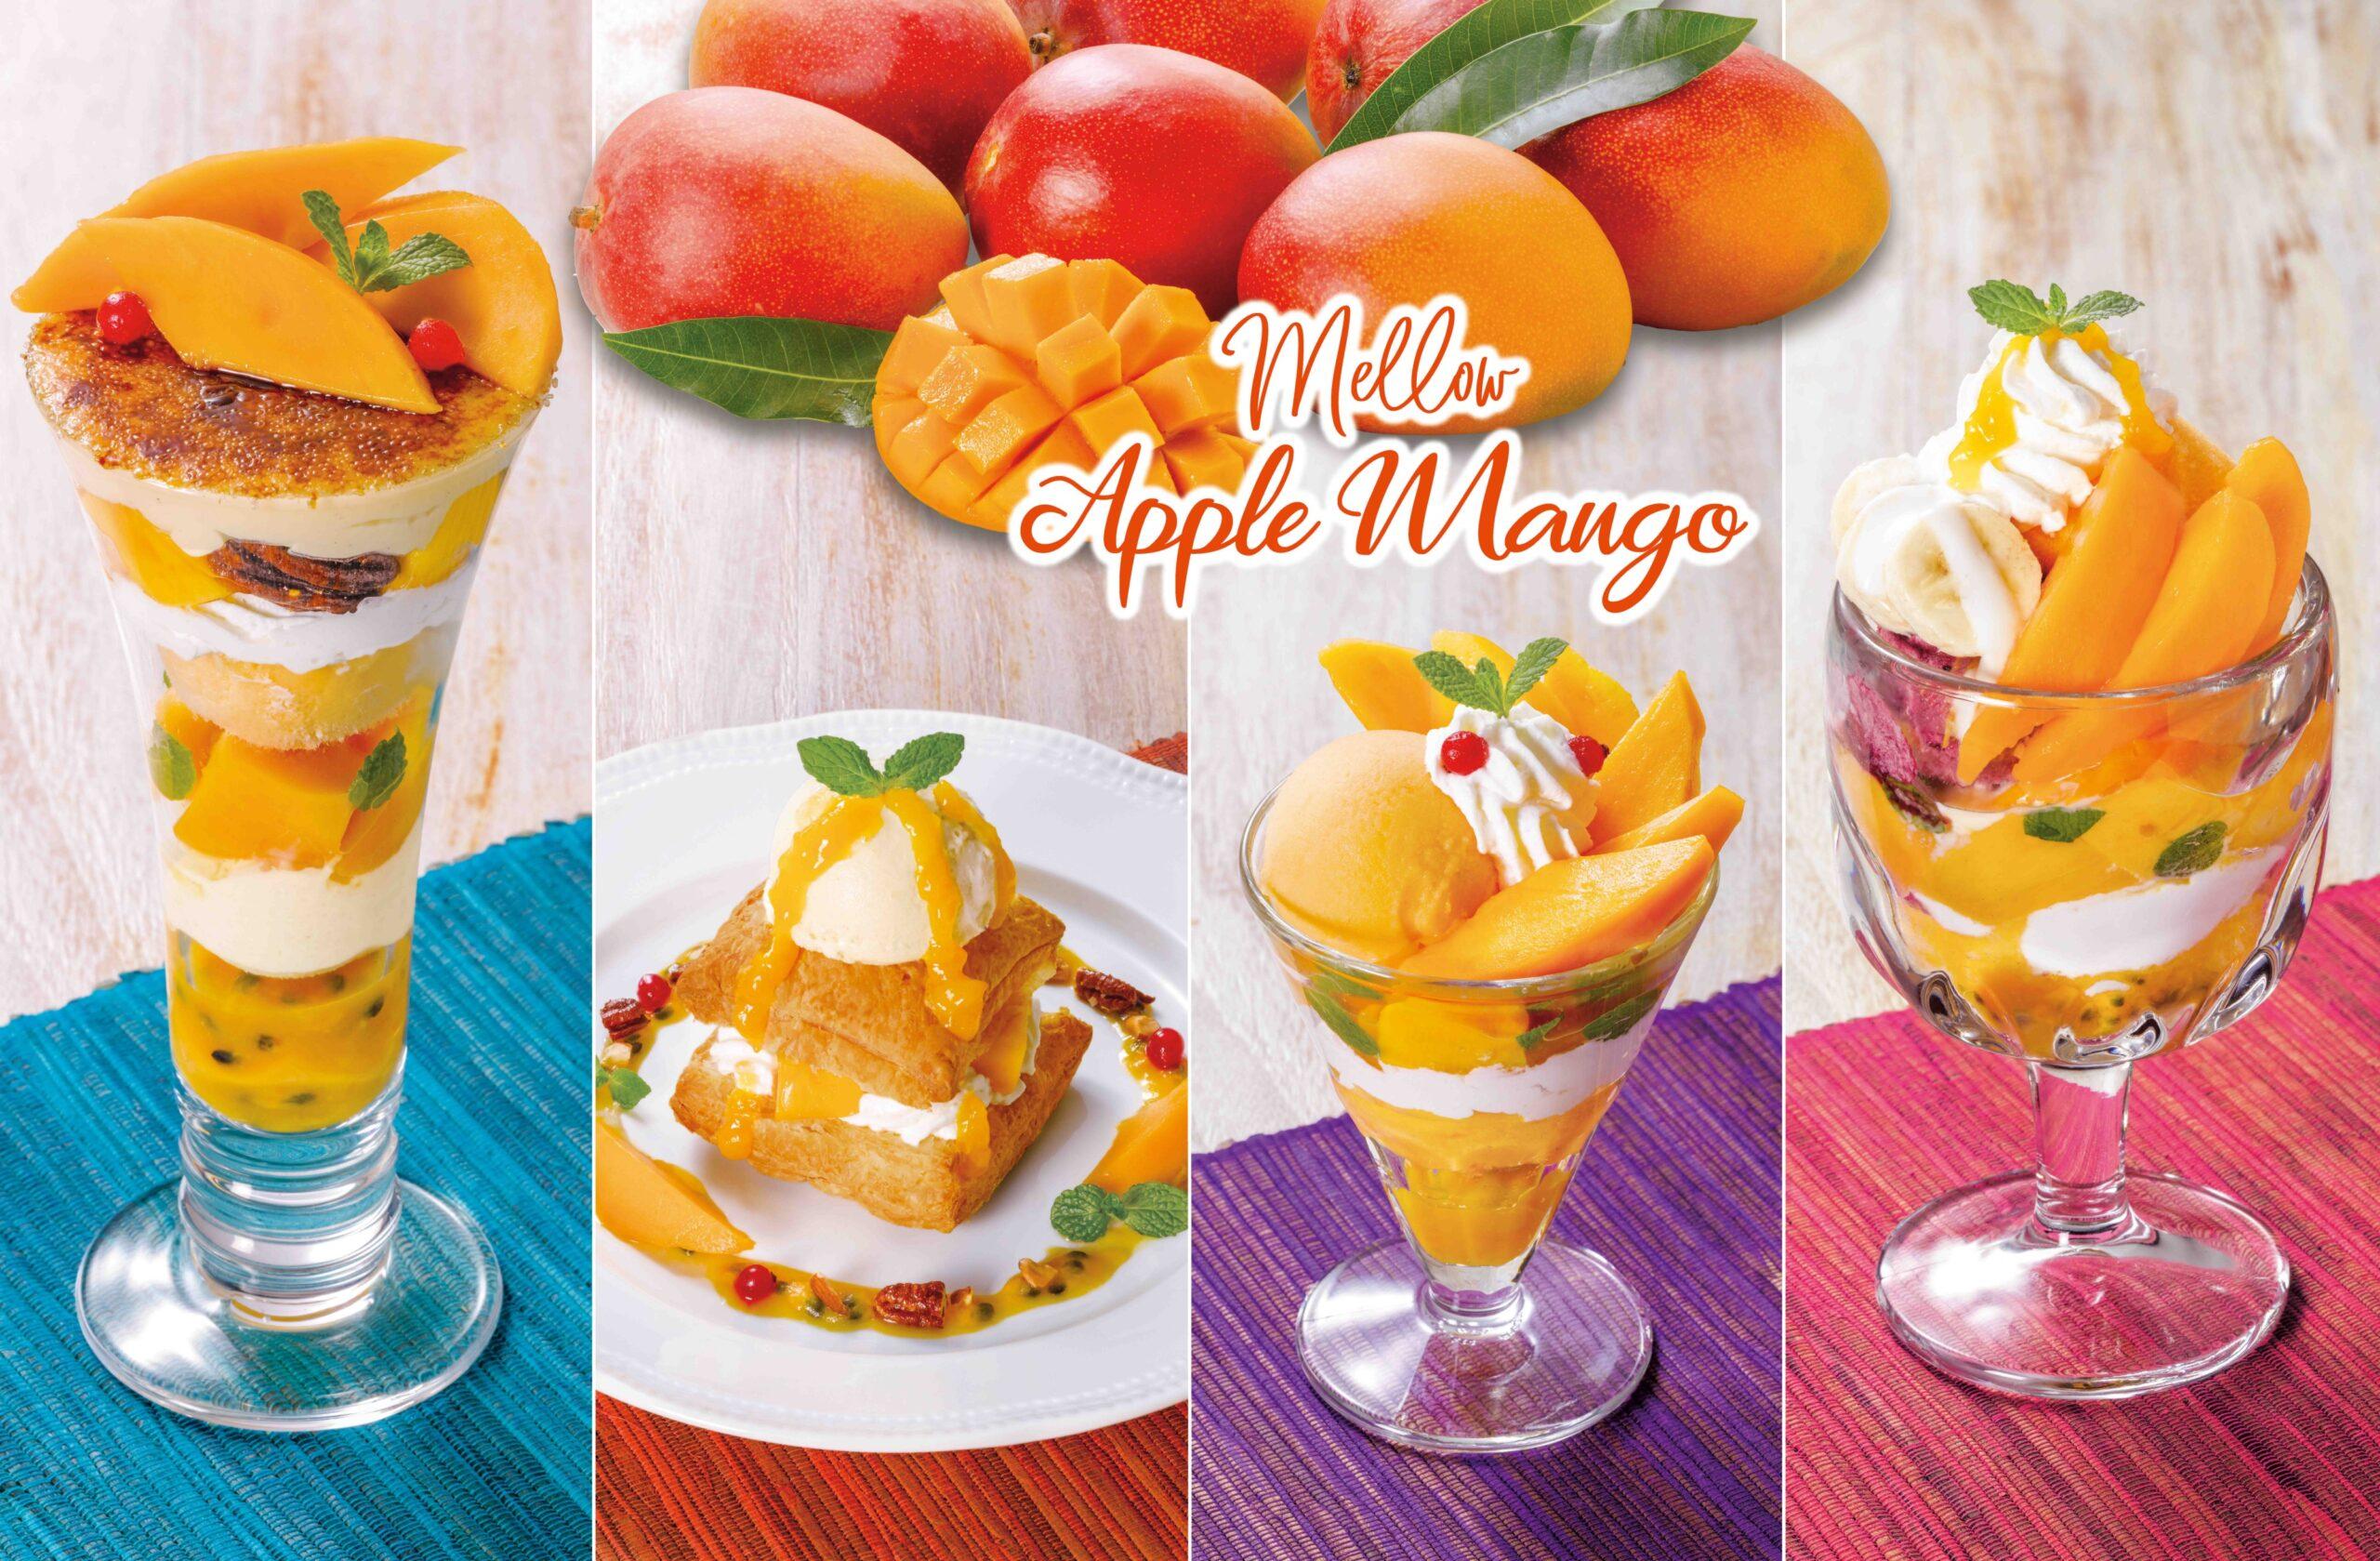 アップルマンゴーの季節デザートを販売中 『アップルマンゴー ~Mellow Apple Mango~』《ロイヤルホスト》